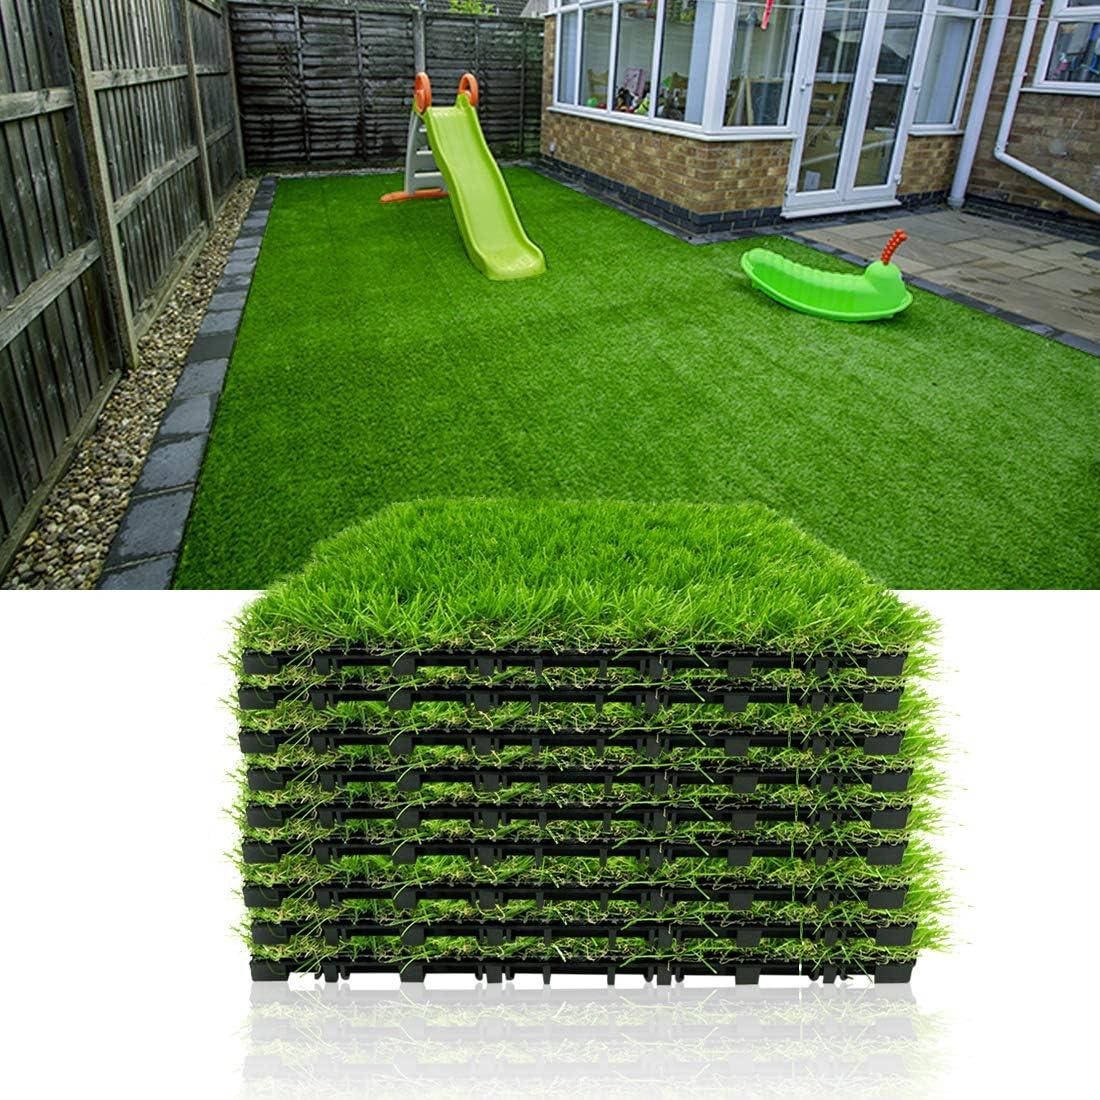 Progoal Artificial Grass Super-cheap Turf Tile Mat Inter Fake Tulsa Mall Flooring